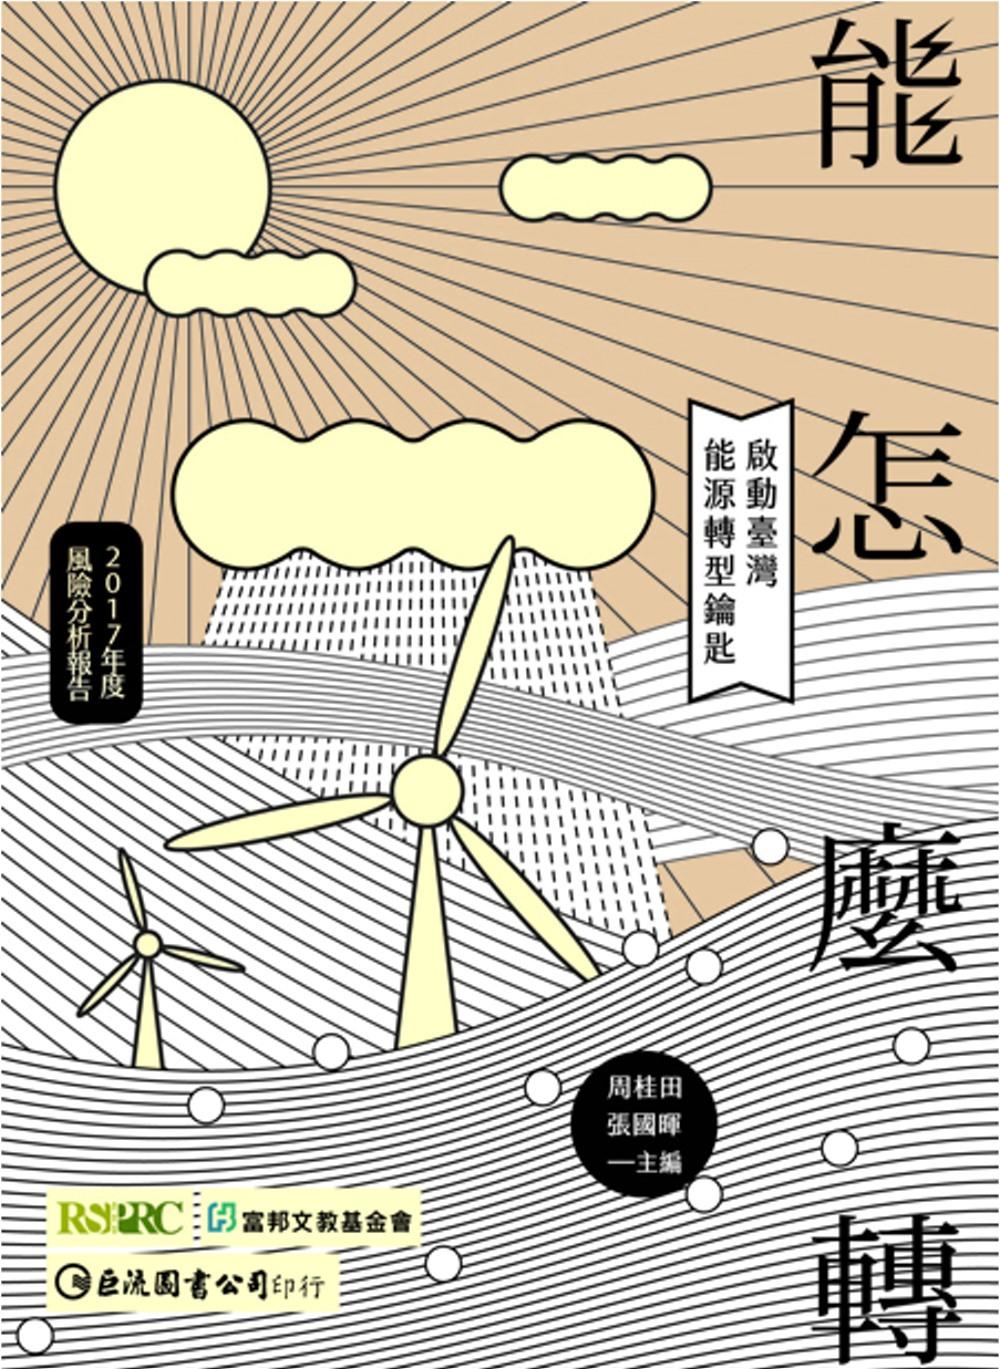 [2017年度風險報告]【能】怎麼轉...